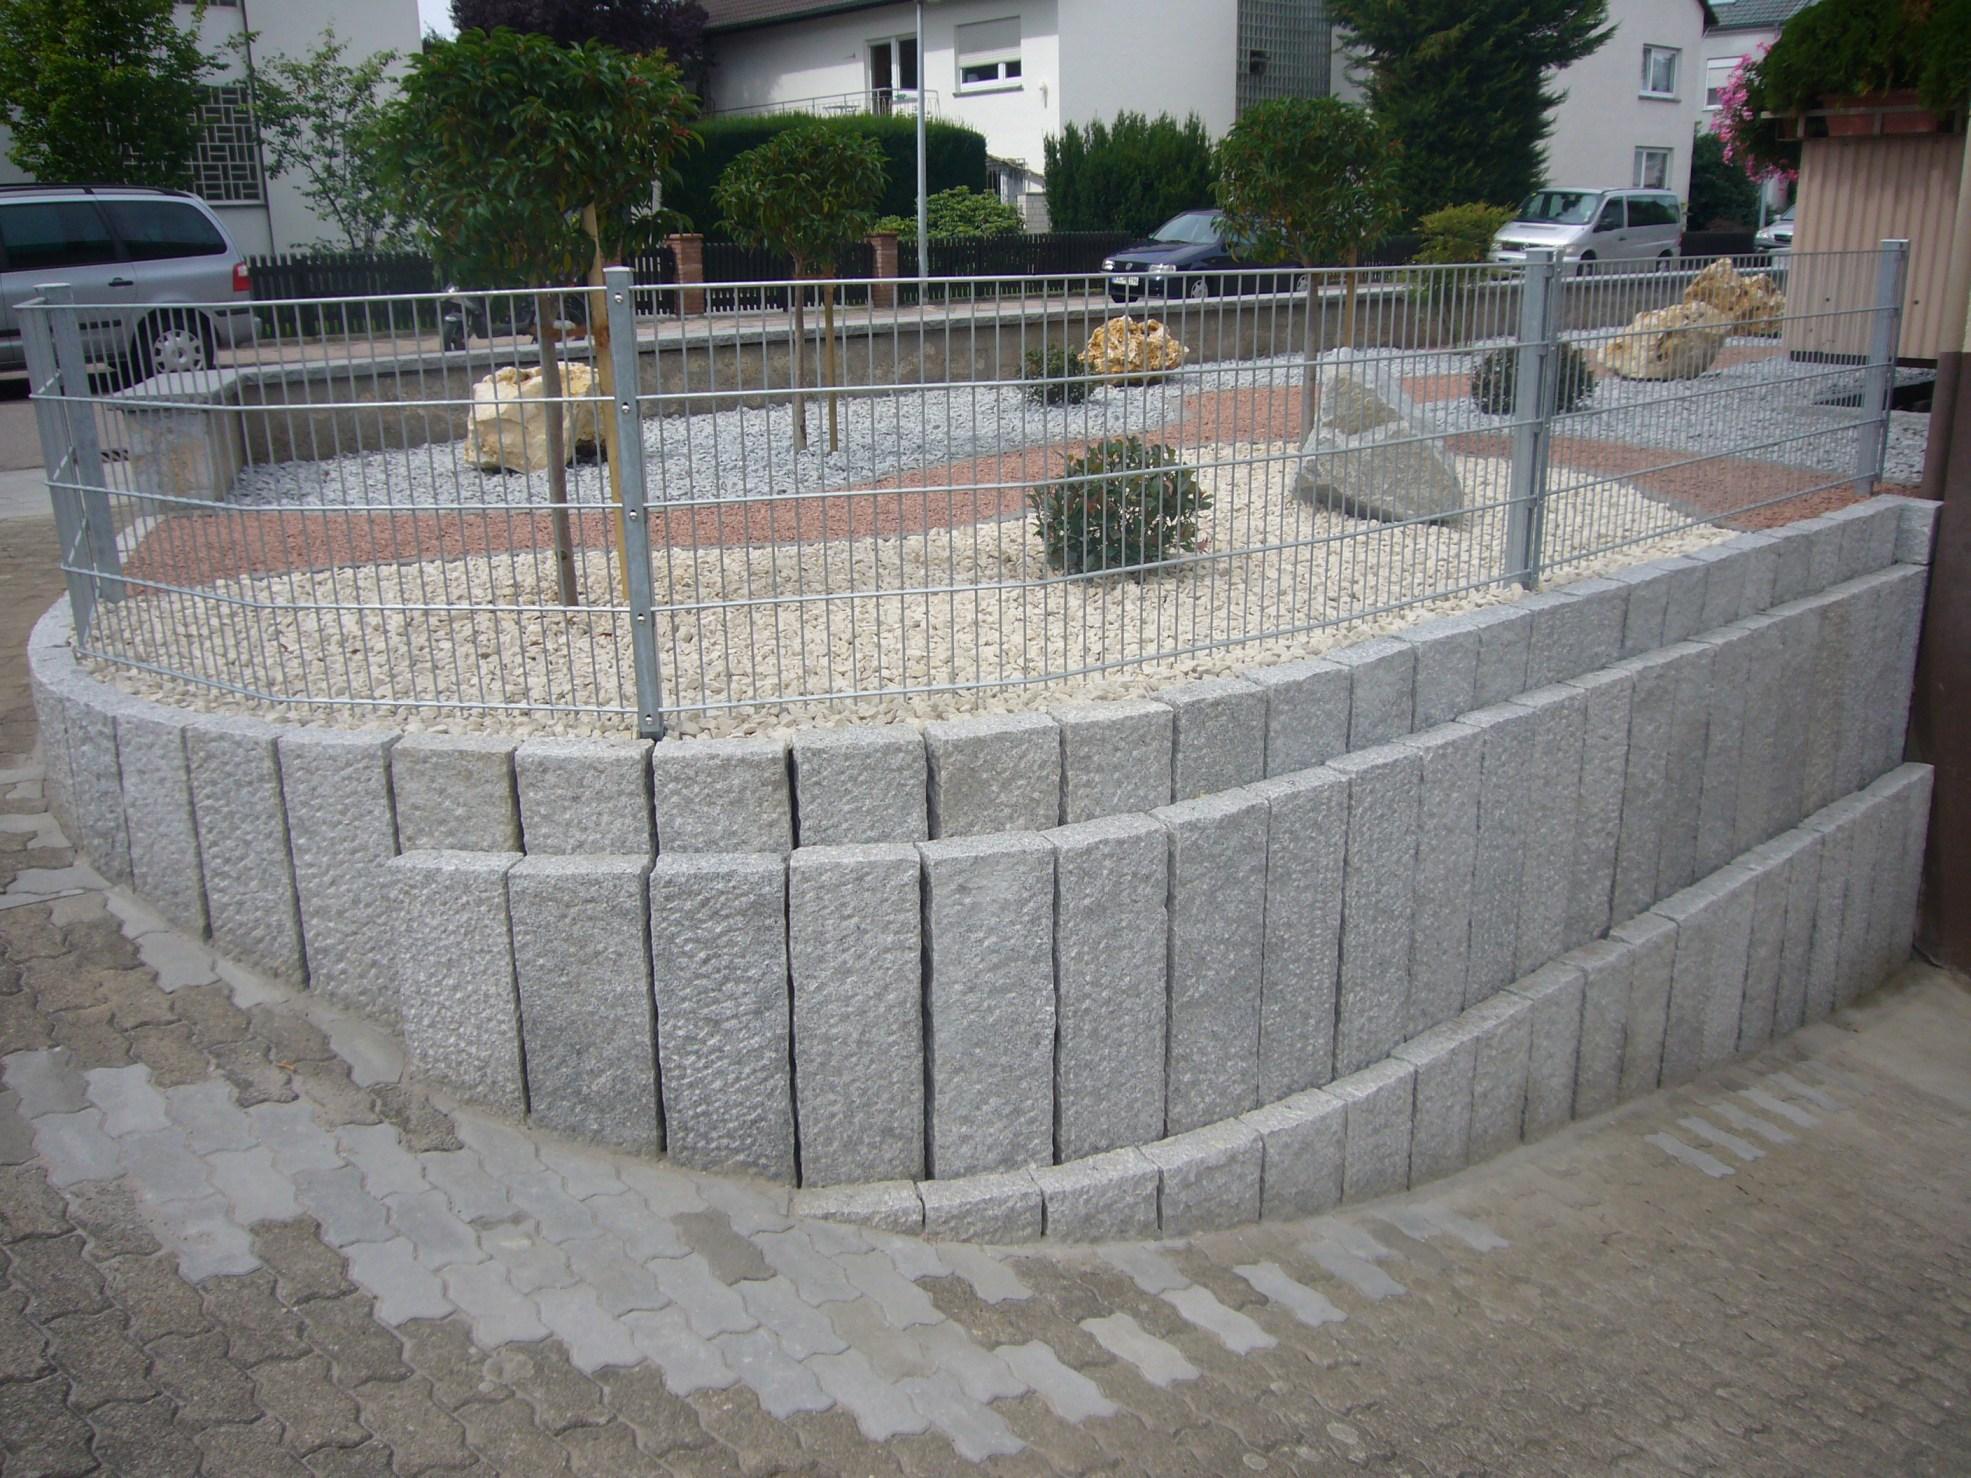 Gartengestaltung Und Pflege-service Thomas Thiele In Karlsruhe ... Garten Gestaltung Und Pflege